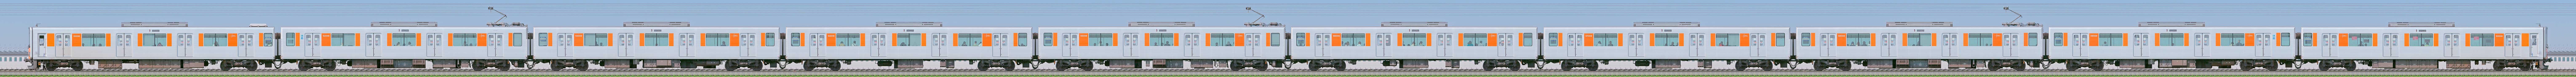 東武50000型51008編成(東上線・海側)の編成サイドビュー